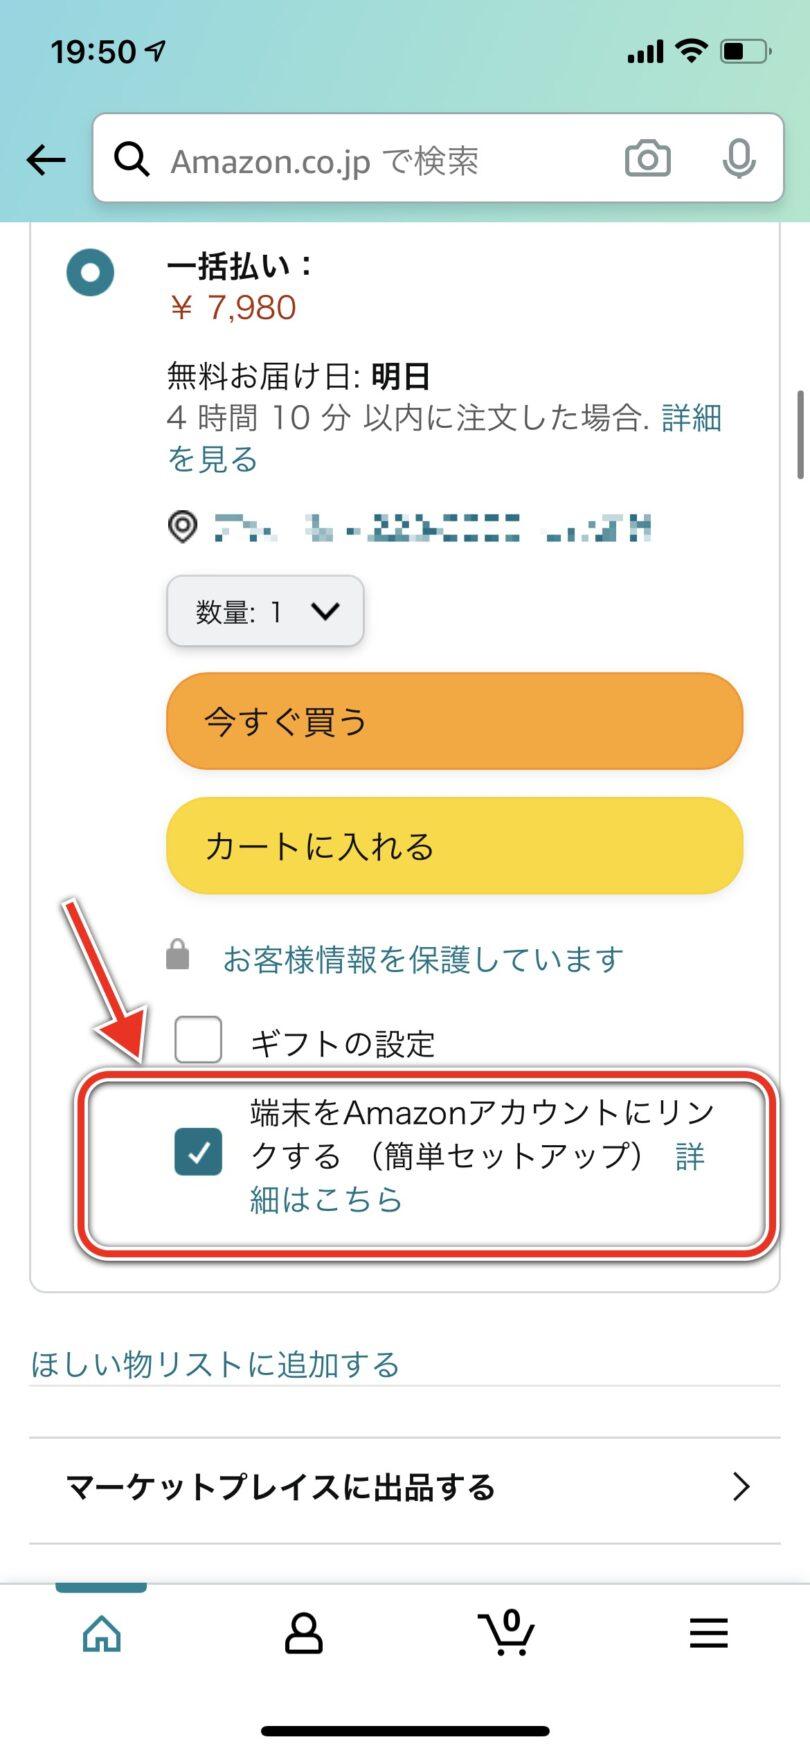 端末をAmazonアカウントにリンクする(簡単セットアップ) スマホ向け